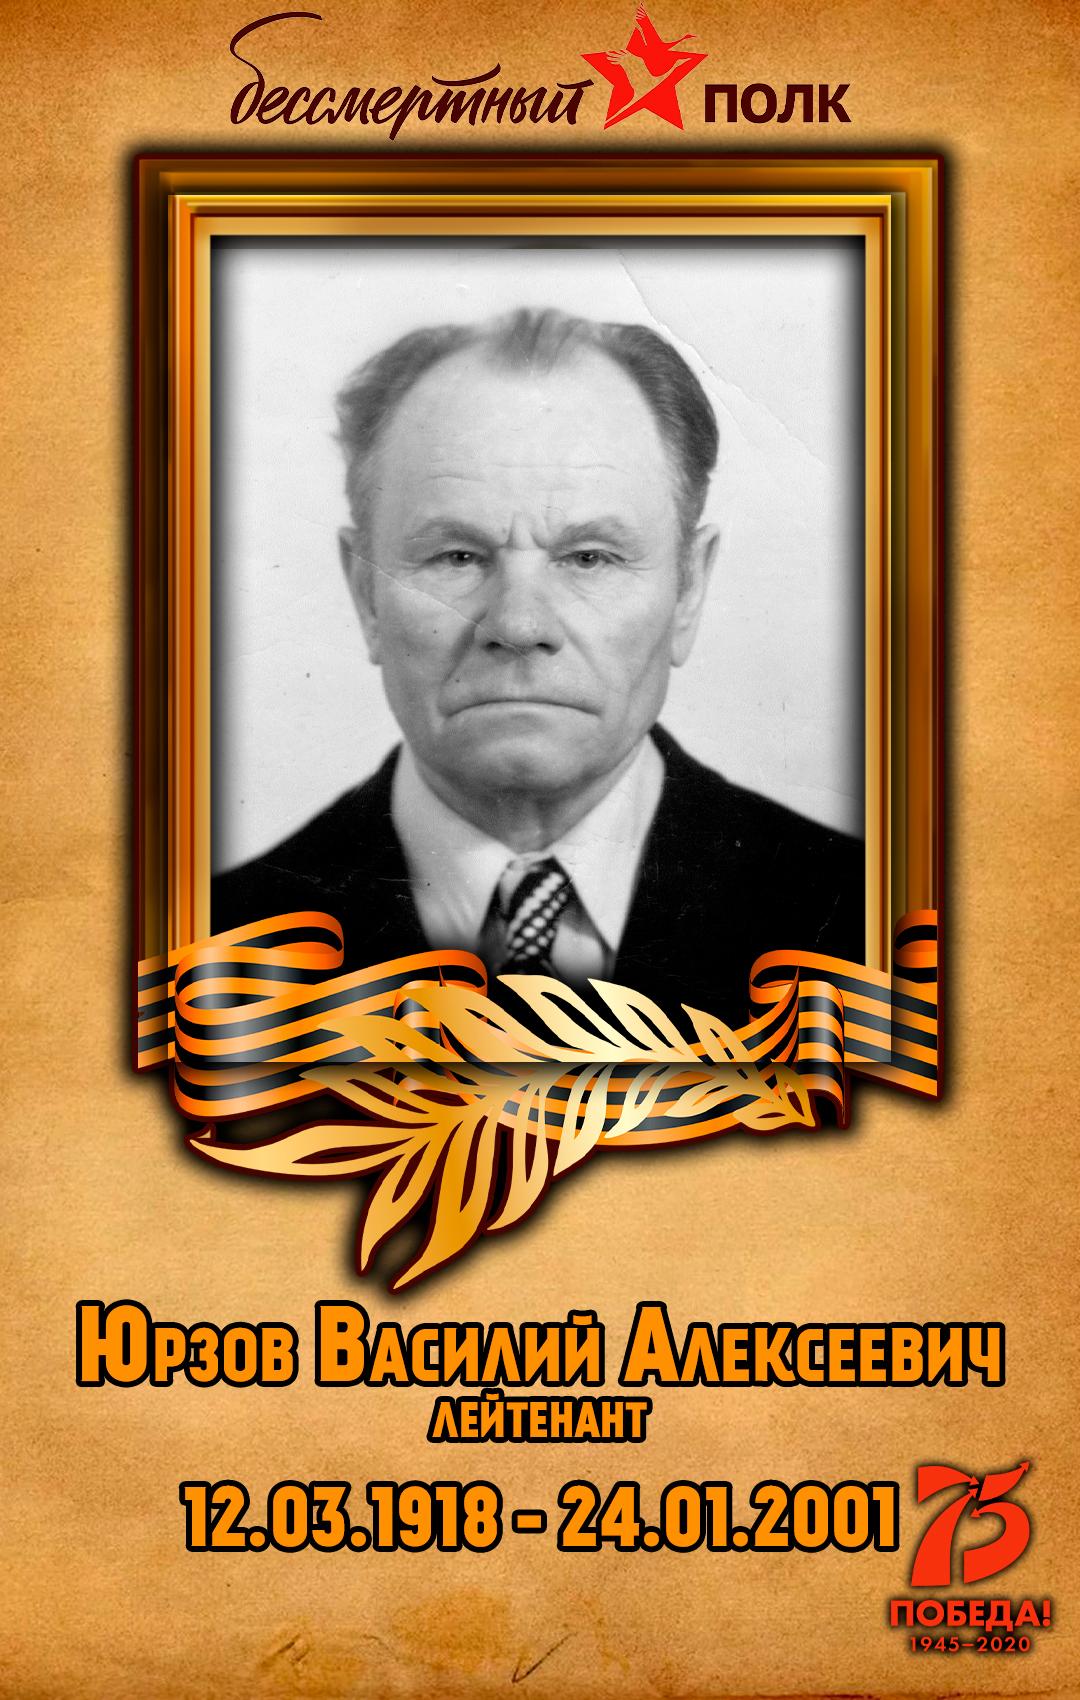 Юрзов-Василий-Алексеевич